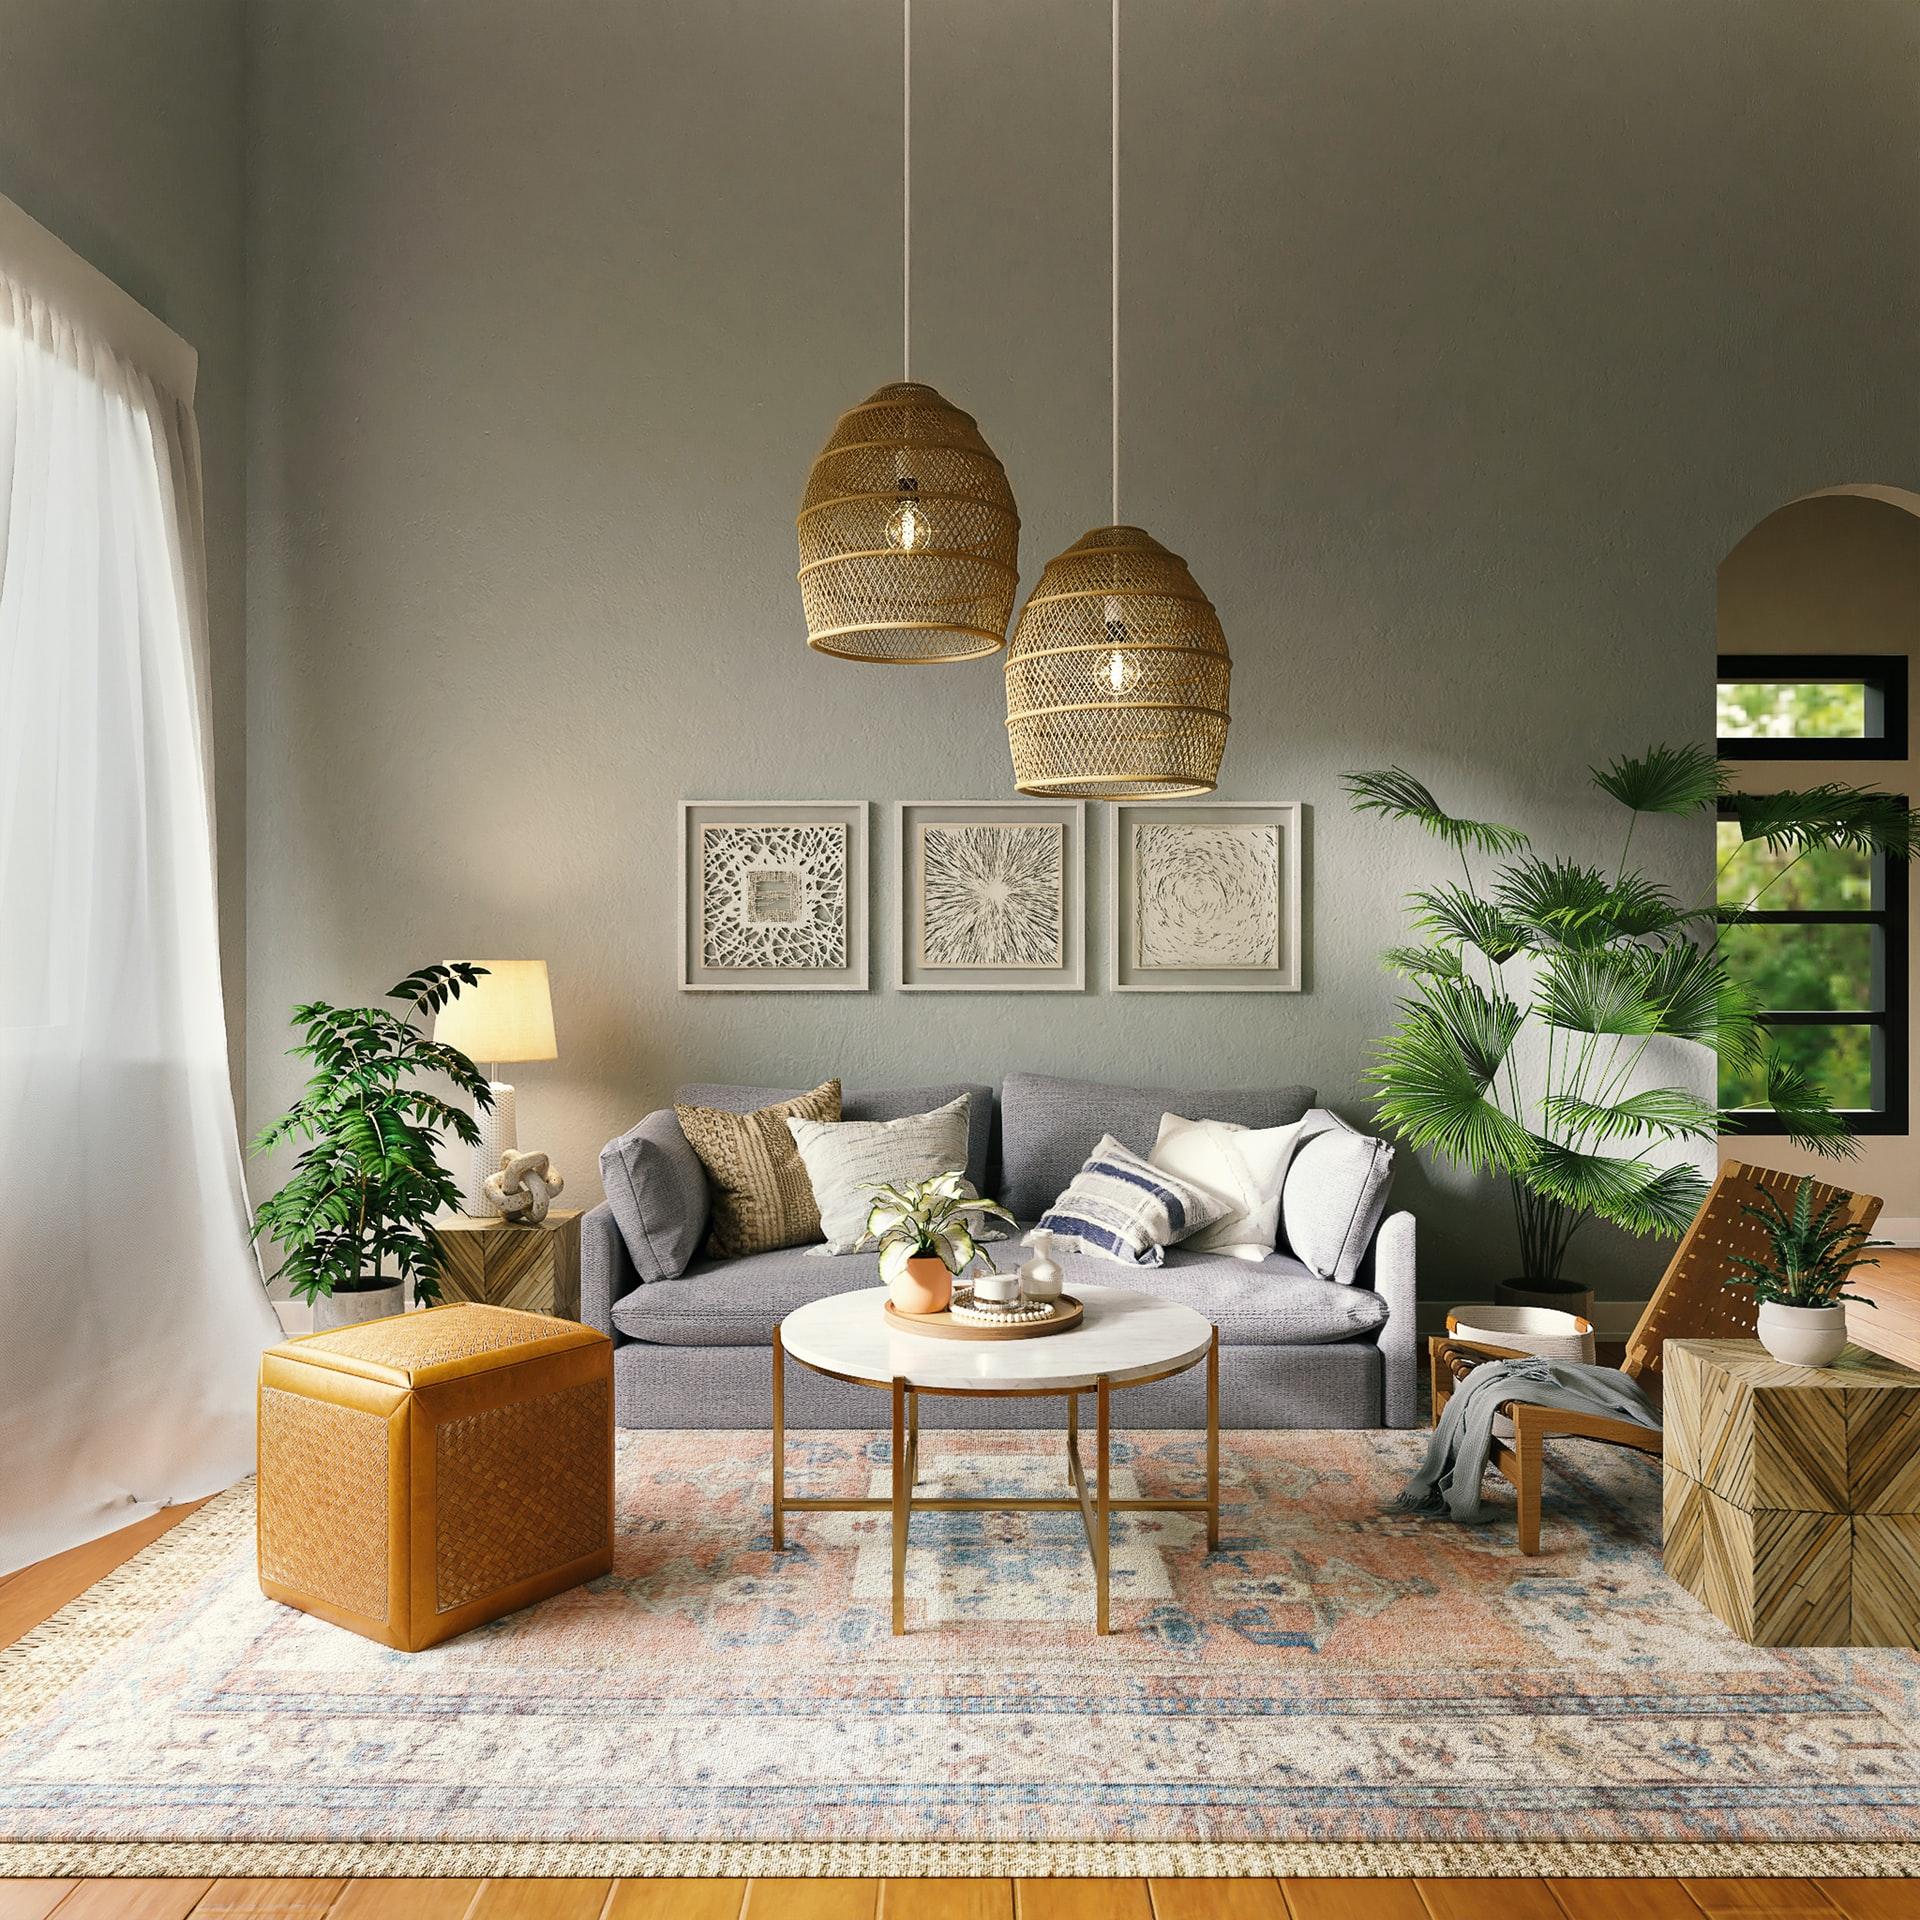 Interior-Design-image